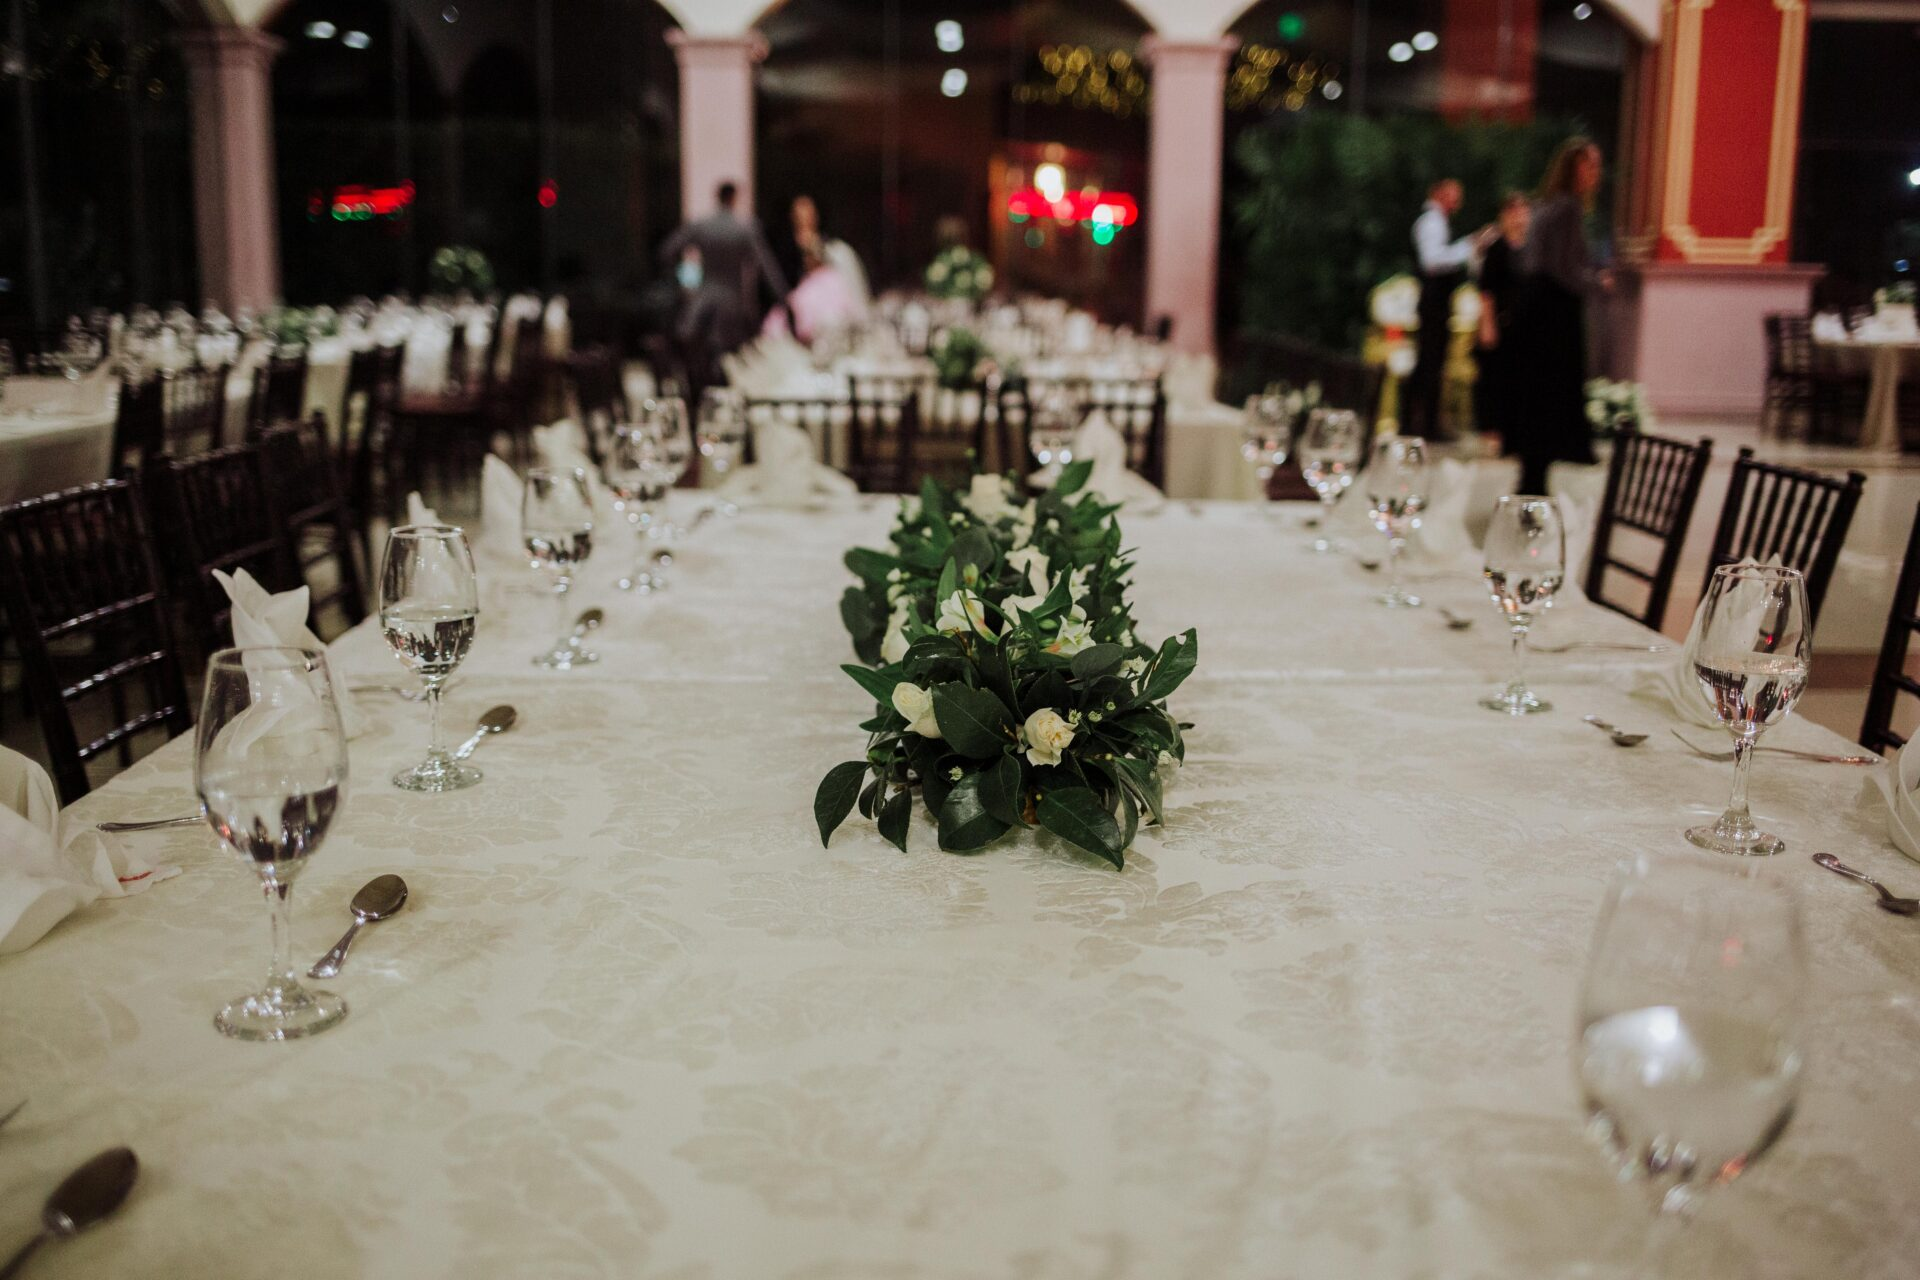 javier_noriega_fotografo_Boda_san_ramon_zacatecas_wedding_photographer20